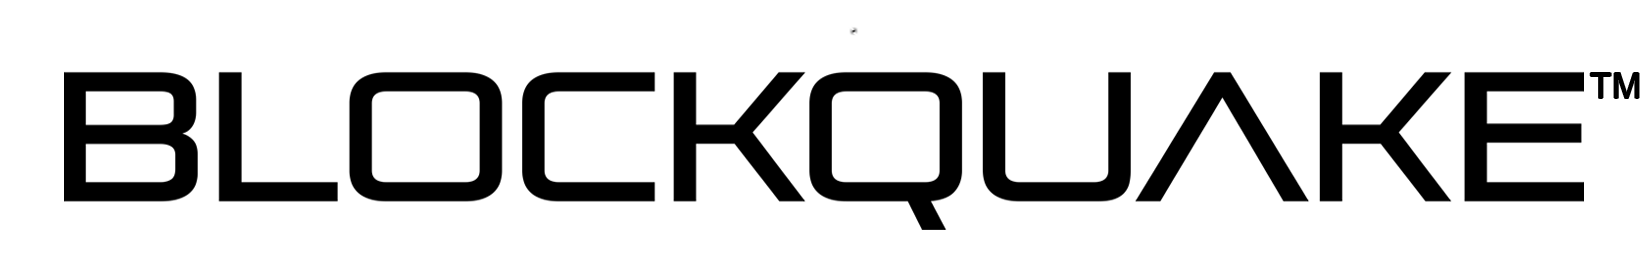 Blockquake logo